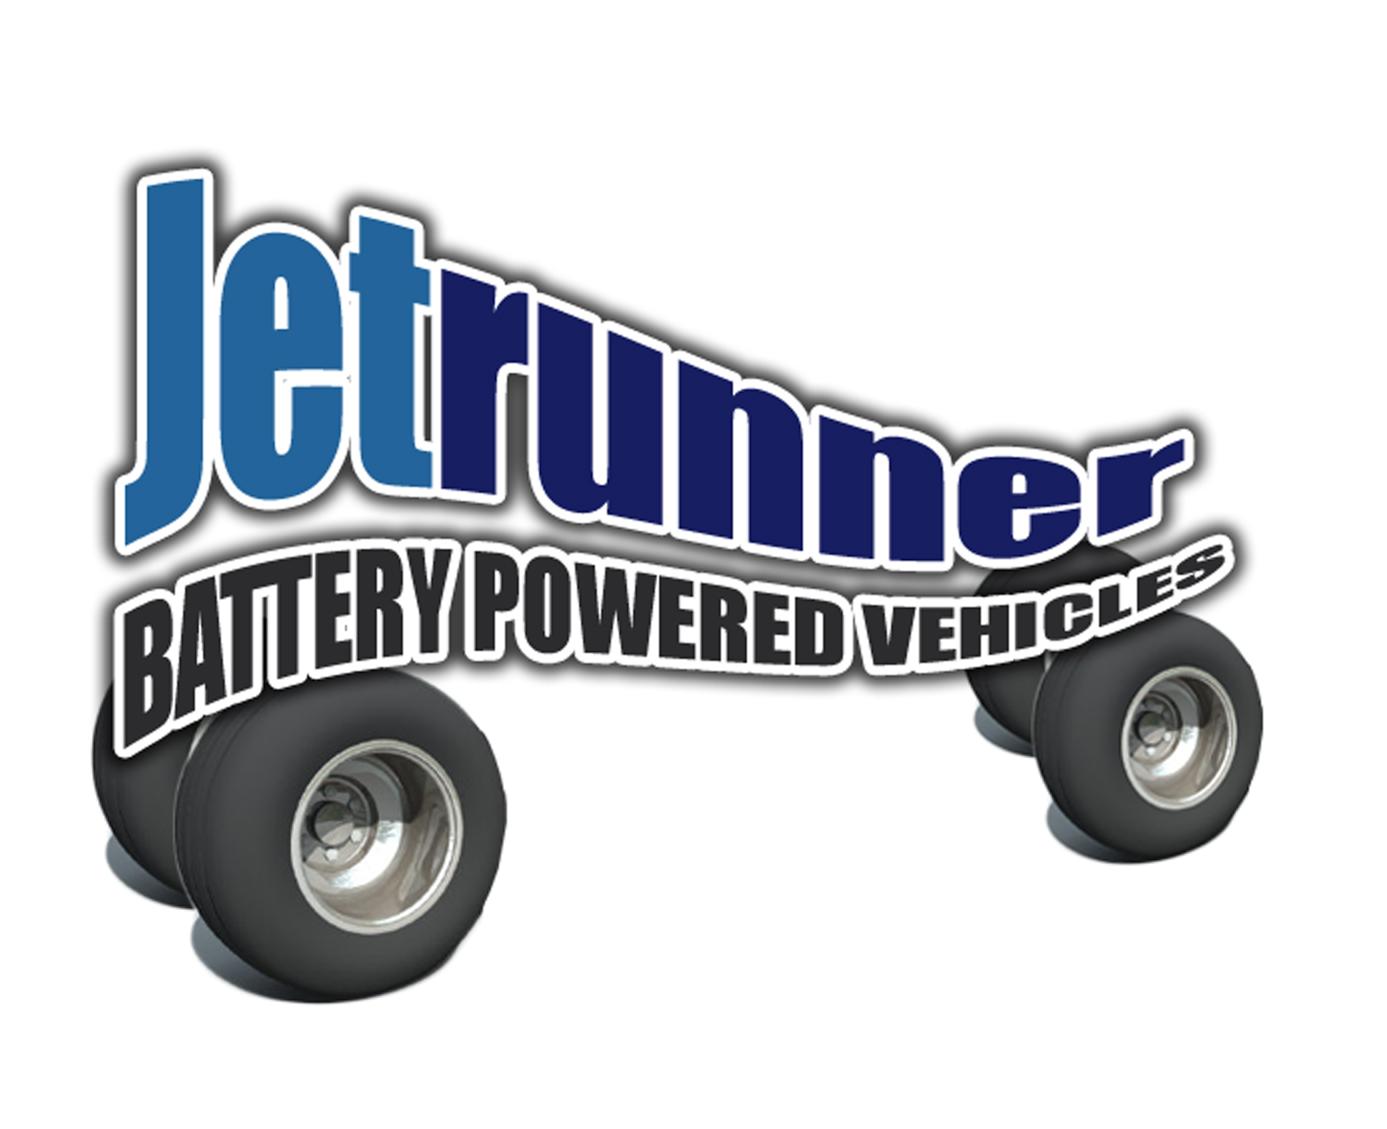 Jetrunner Battery Power